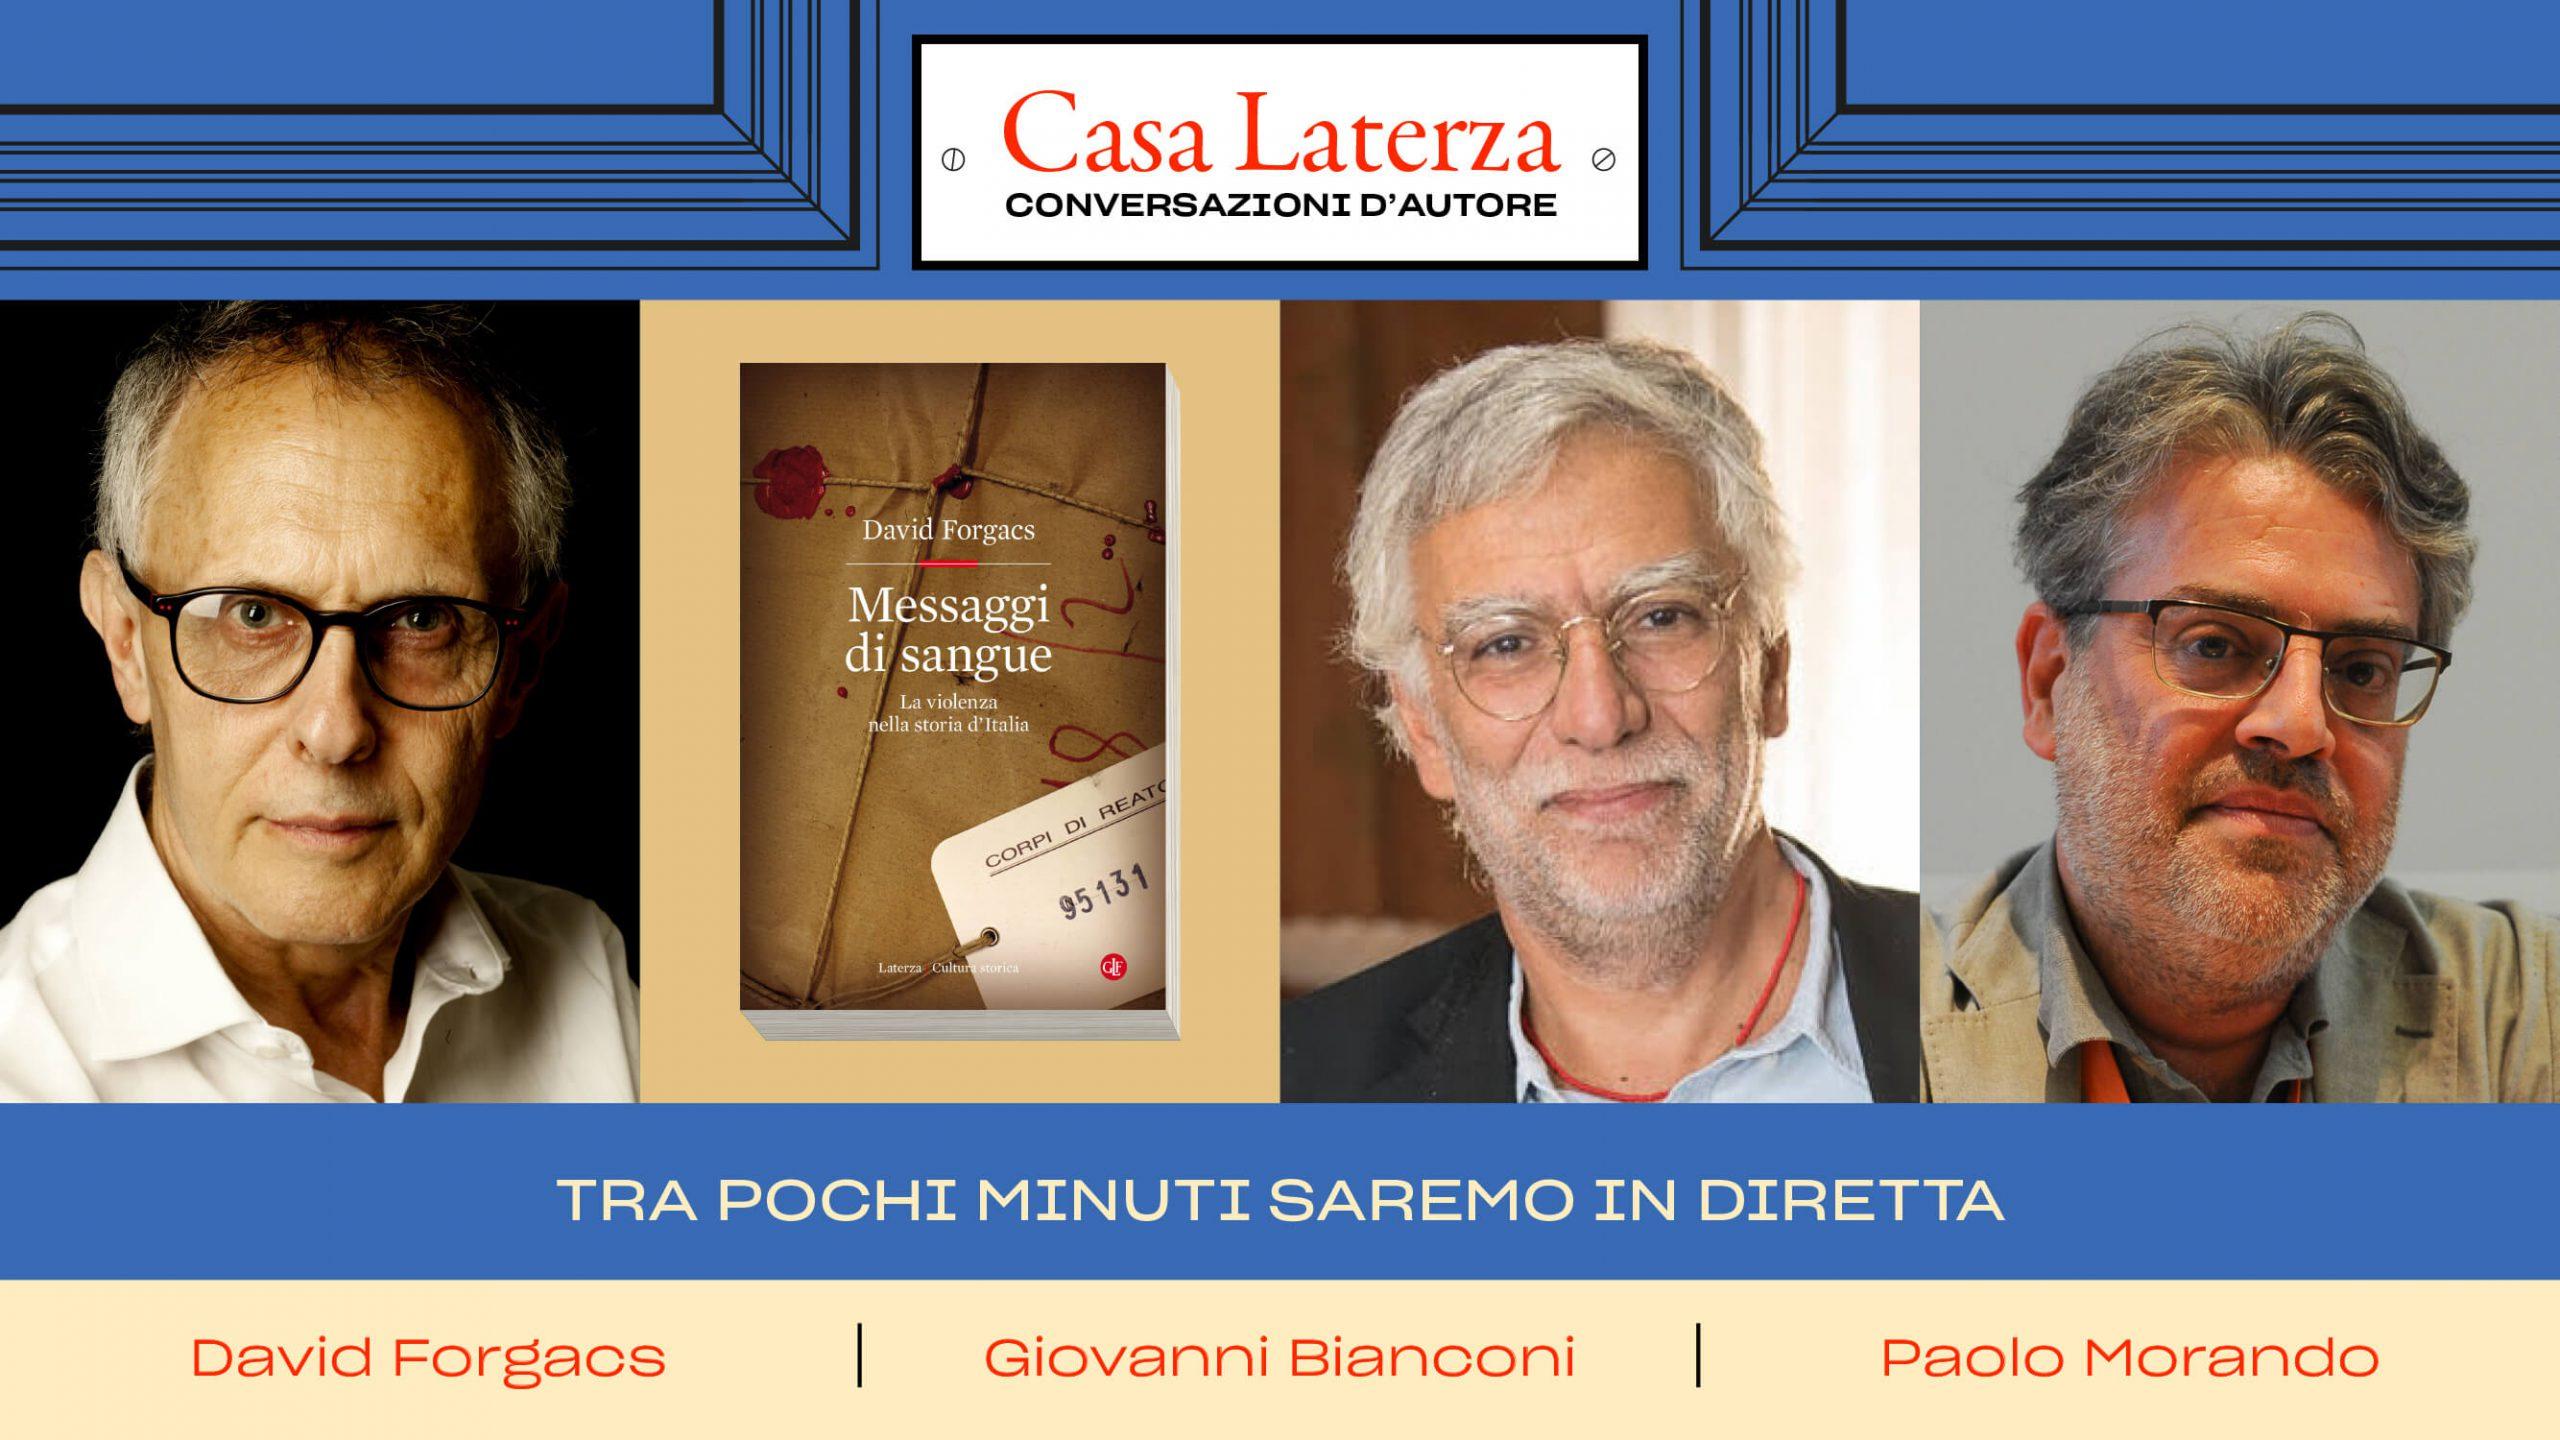 #CasaLaterza: David Forgacs dialoga con Giovanni Bianconi e Paolo Morando